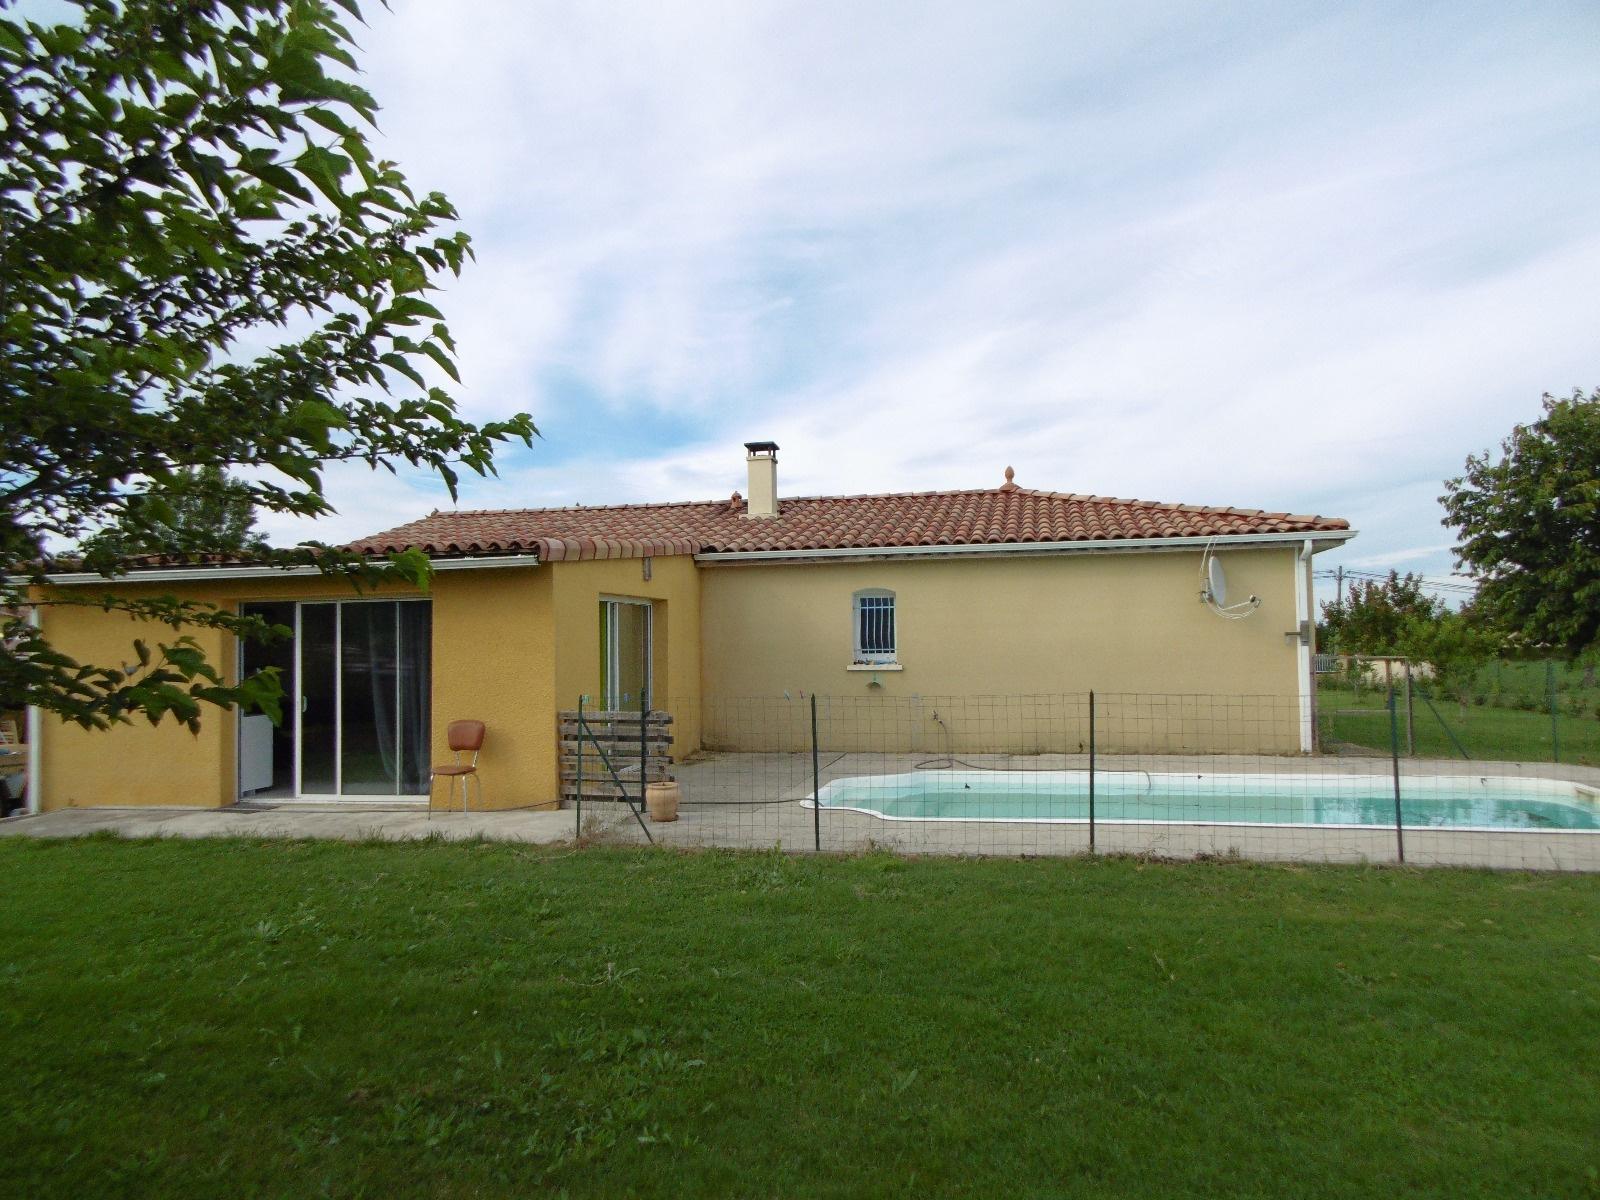 Vente 30 mn toulouse s e villa t5 garage et piscine - Garage du marais villefranche de lauragais ...